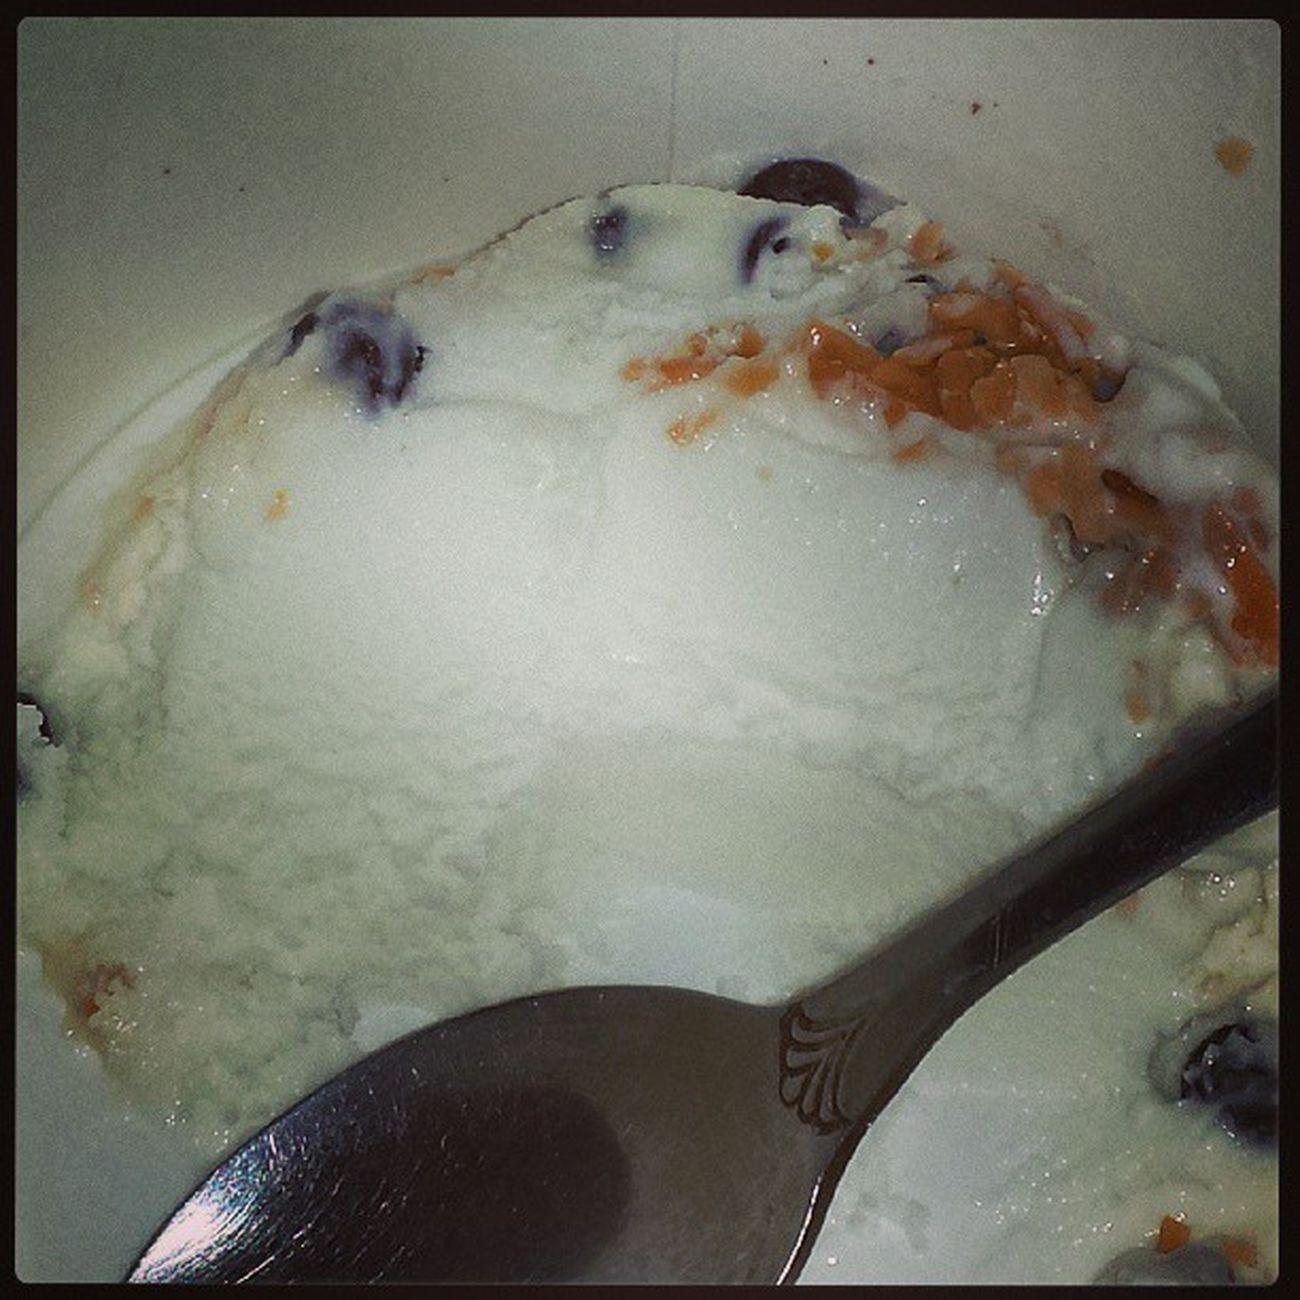 He keeps me smiling and my tummy full!!! Athomesick Playinghookey Froyo Frozenyogurt dessert whitechocolatemousse toastedcoconut minichocolatechips mybfisthebest iloveyoumonkey vppremier mybfisbetterthanyours